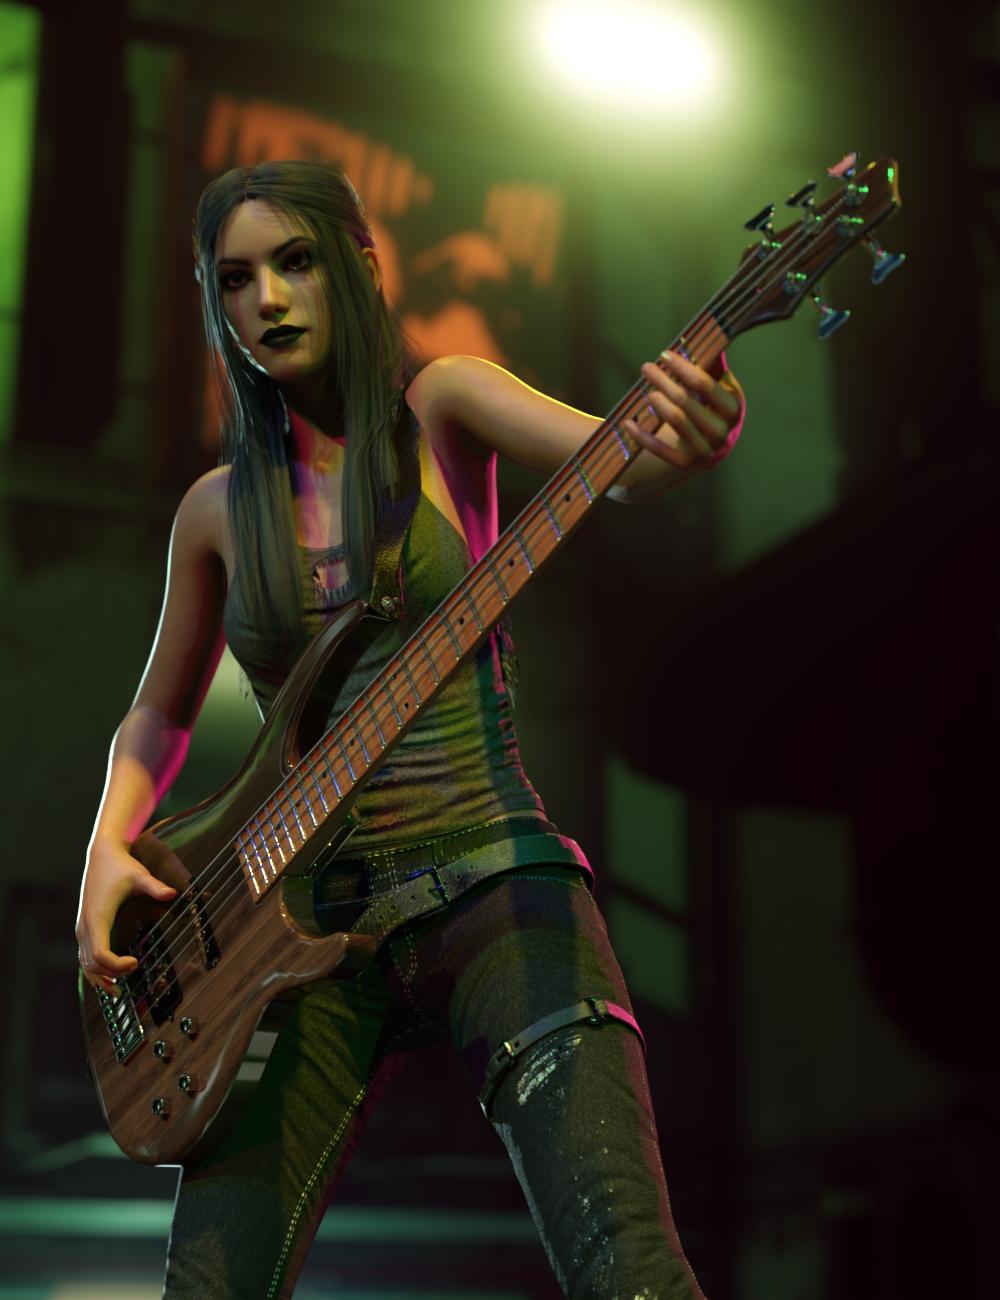 Rock Star Series - Modern Bass by: Sixus1 Media, 3D Models by Daz 3D